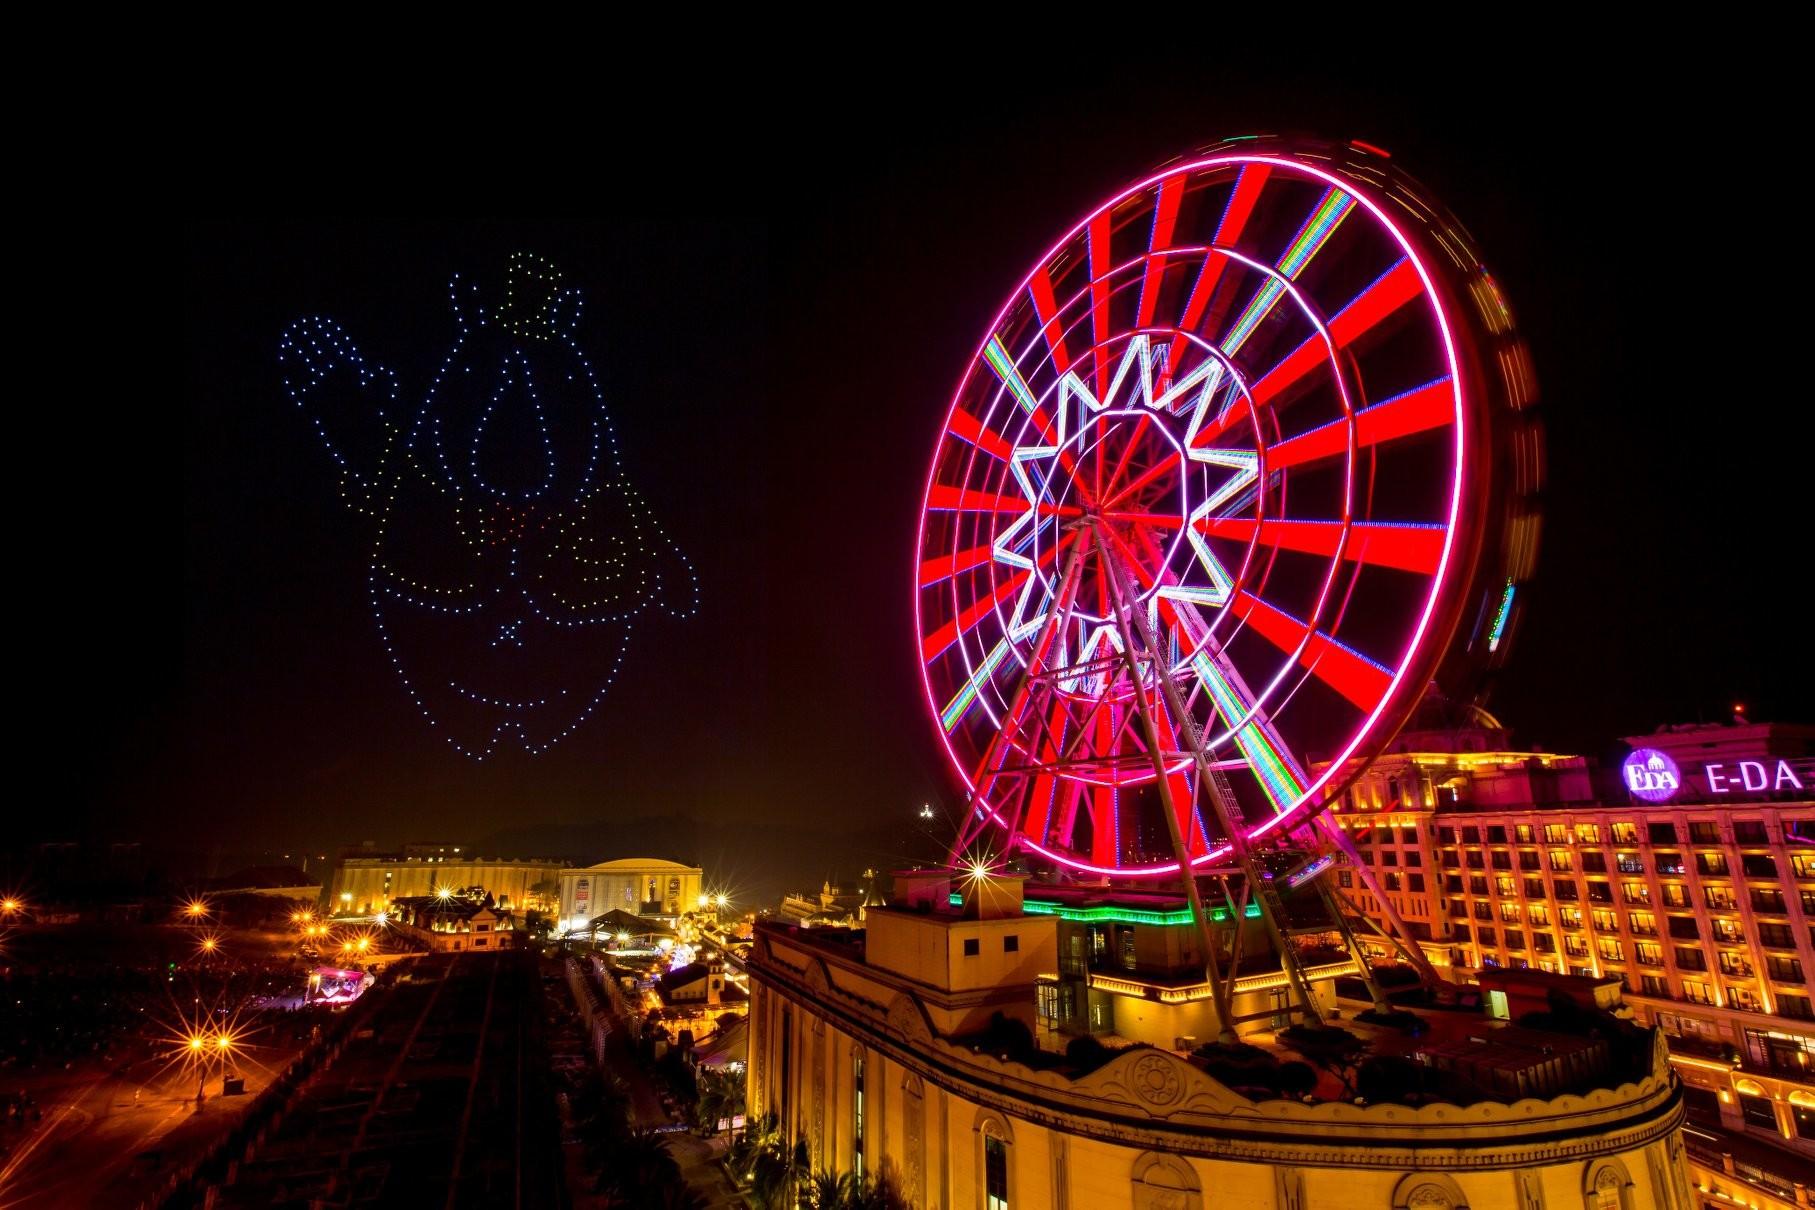 照片中提到了BIA E-DA,包含了摩天輪、E-DA主題公園、除夕夜、摩天輪、煙花